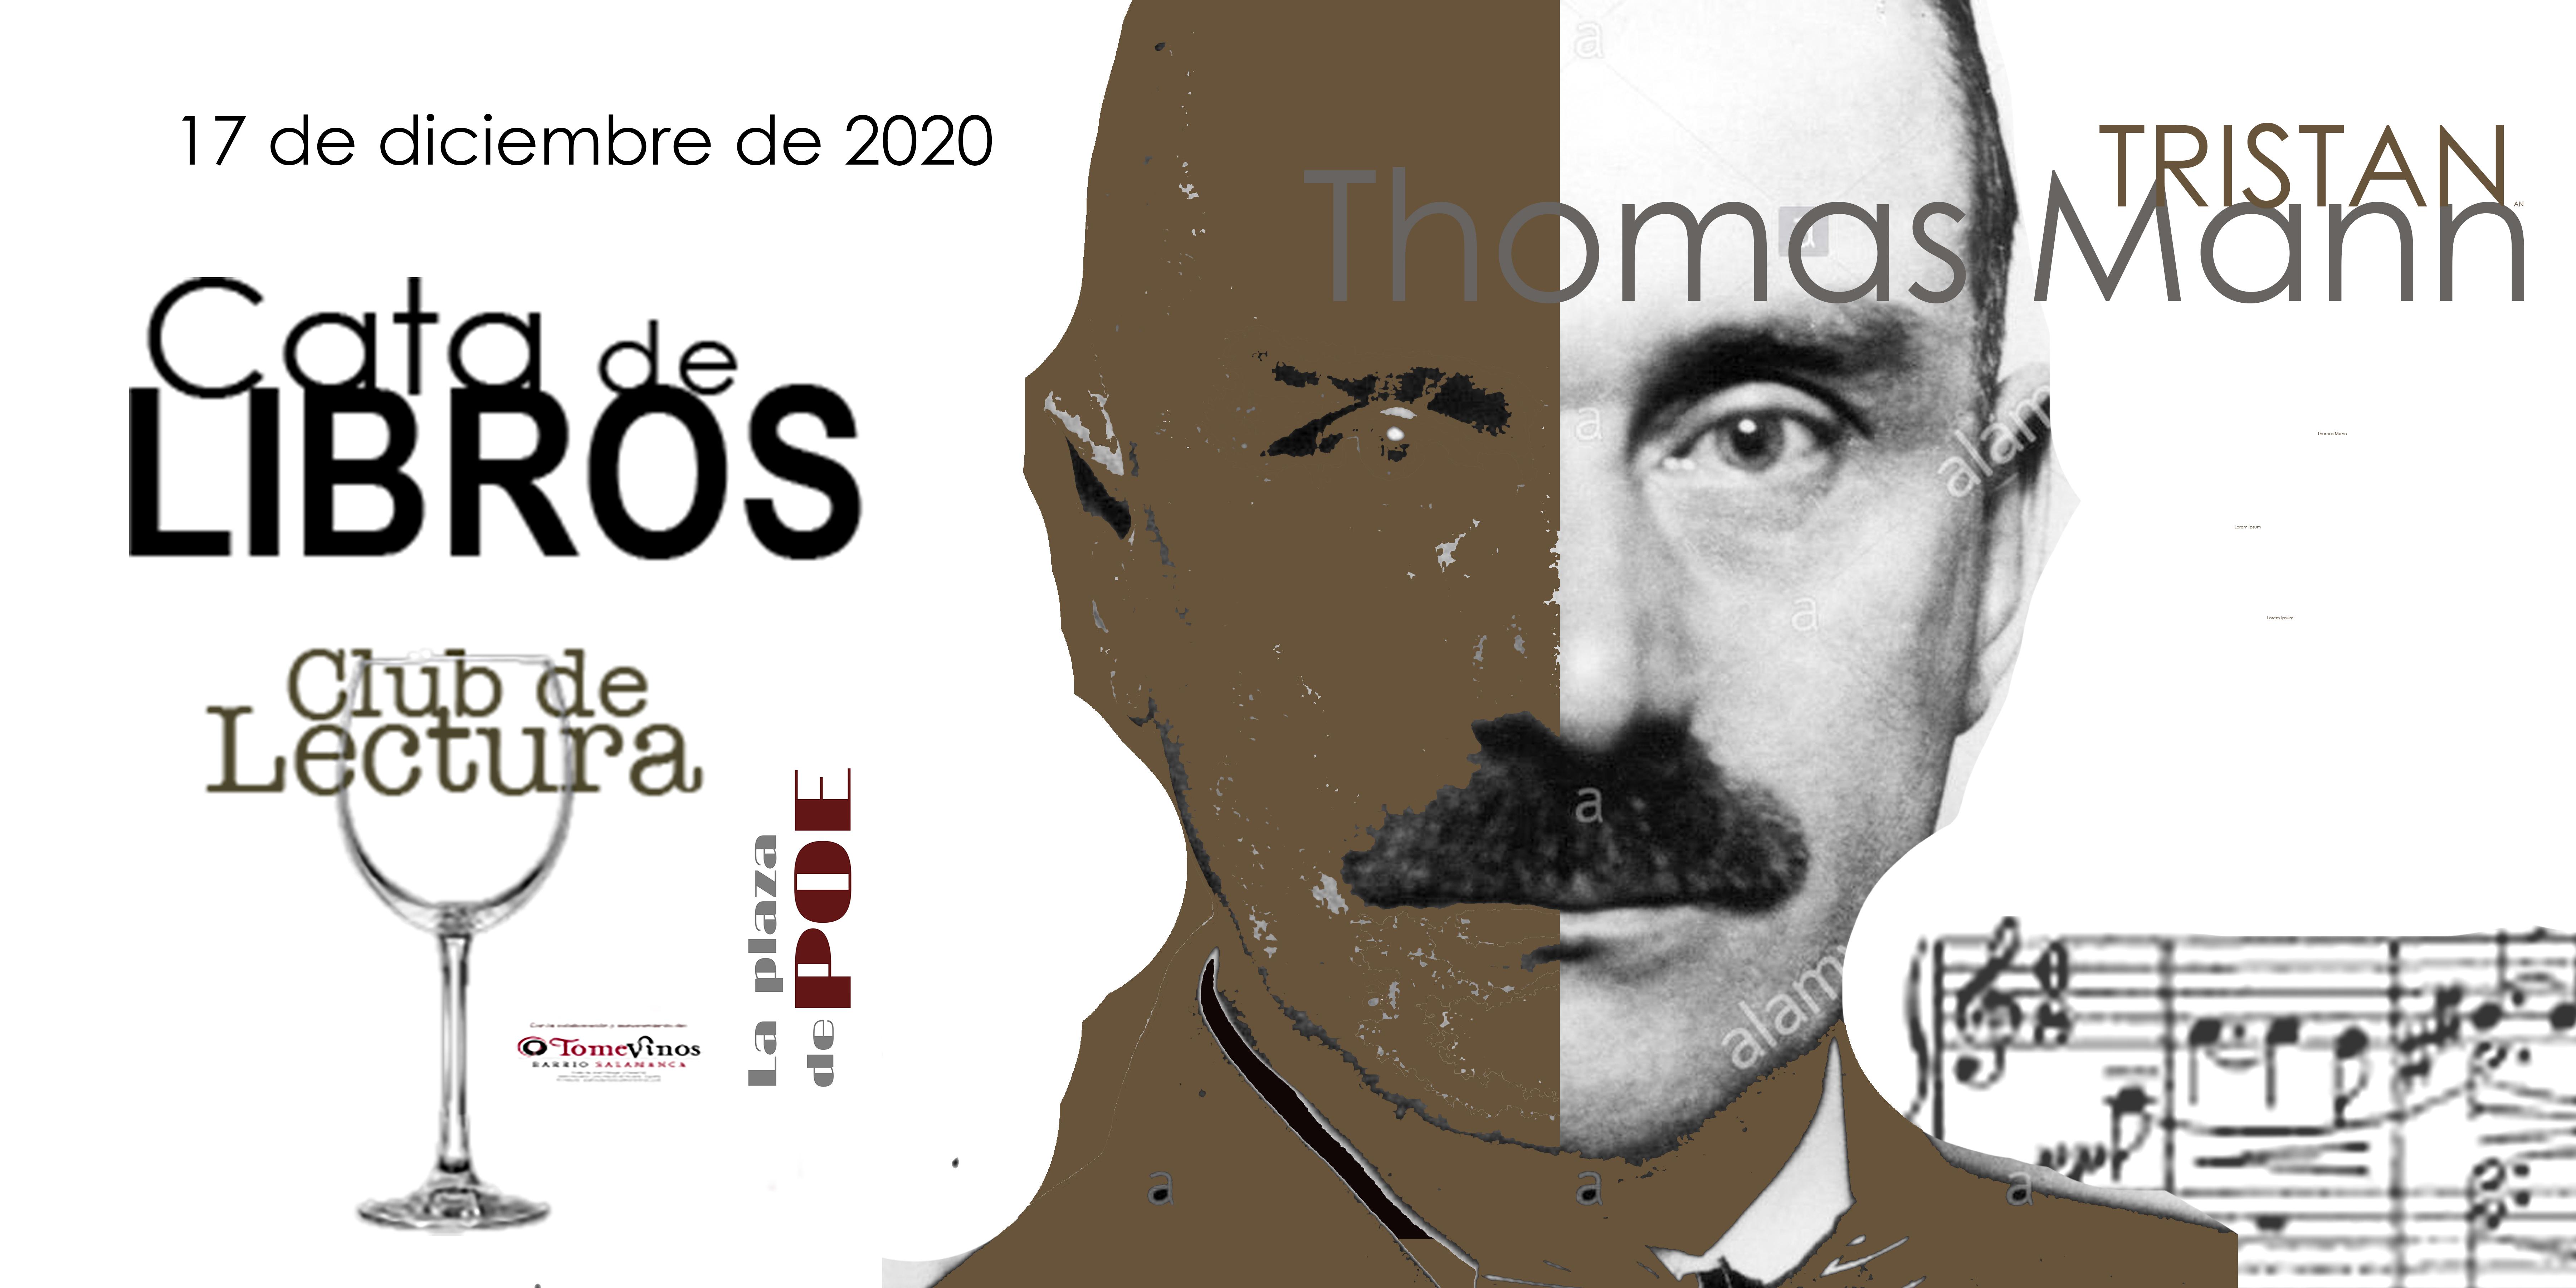 Cata Tristán de Thomas Mann copia